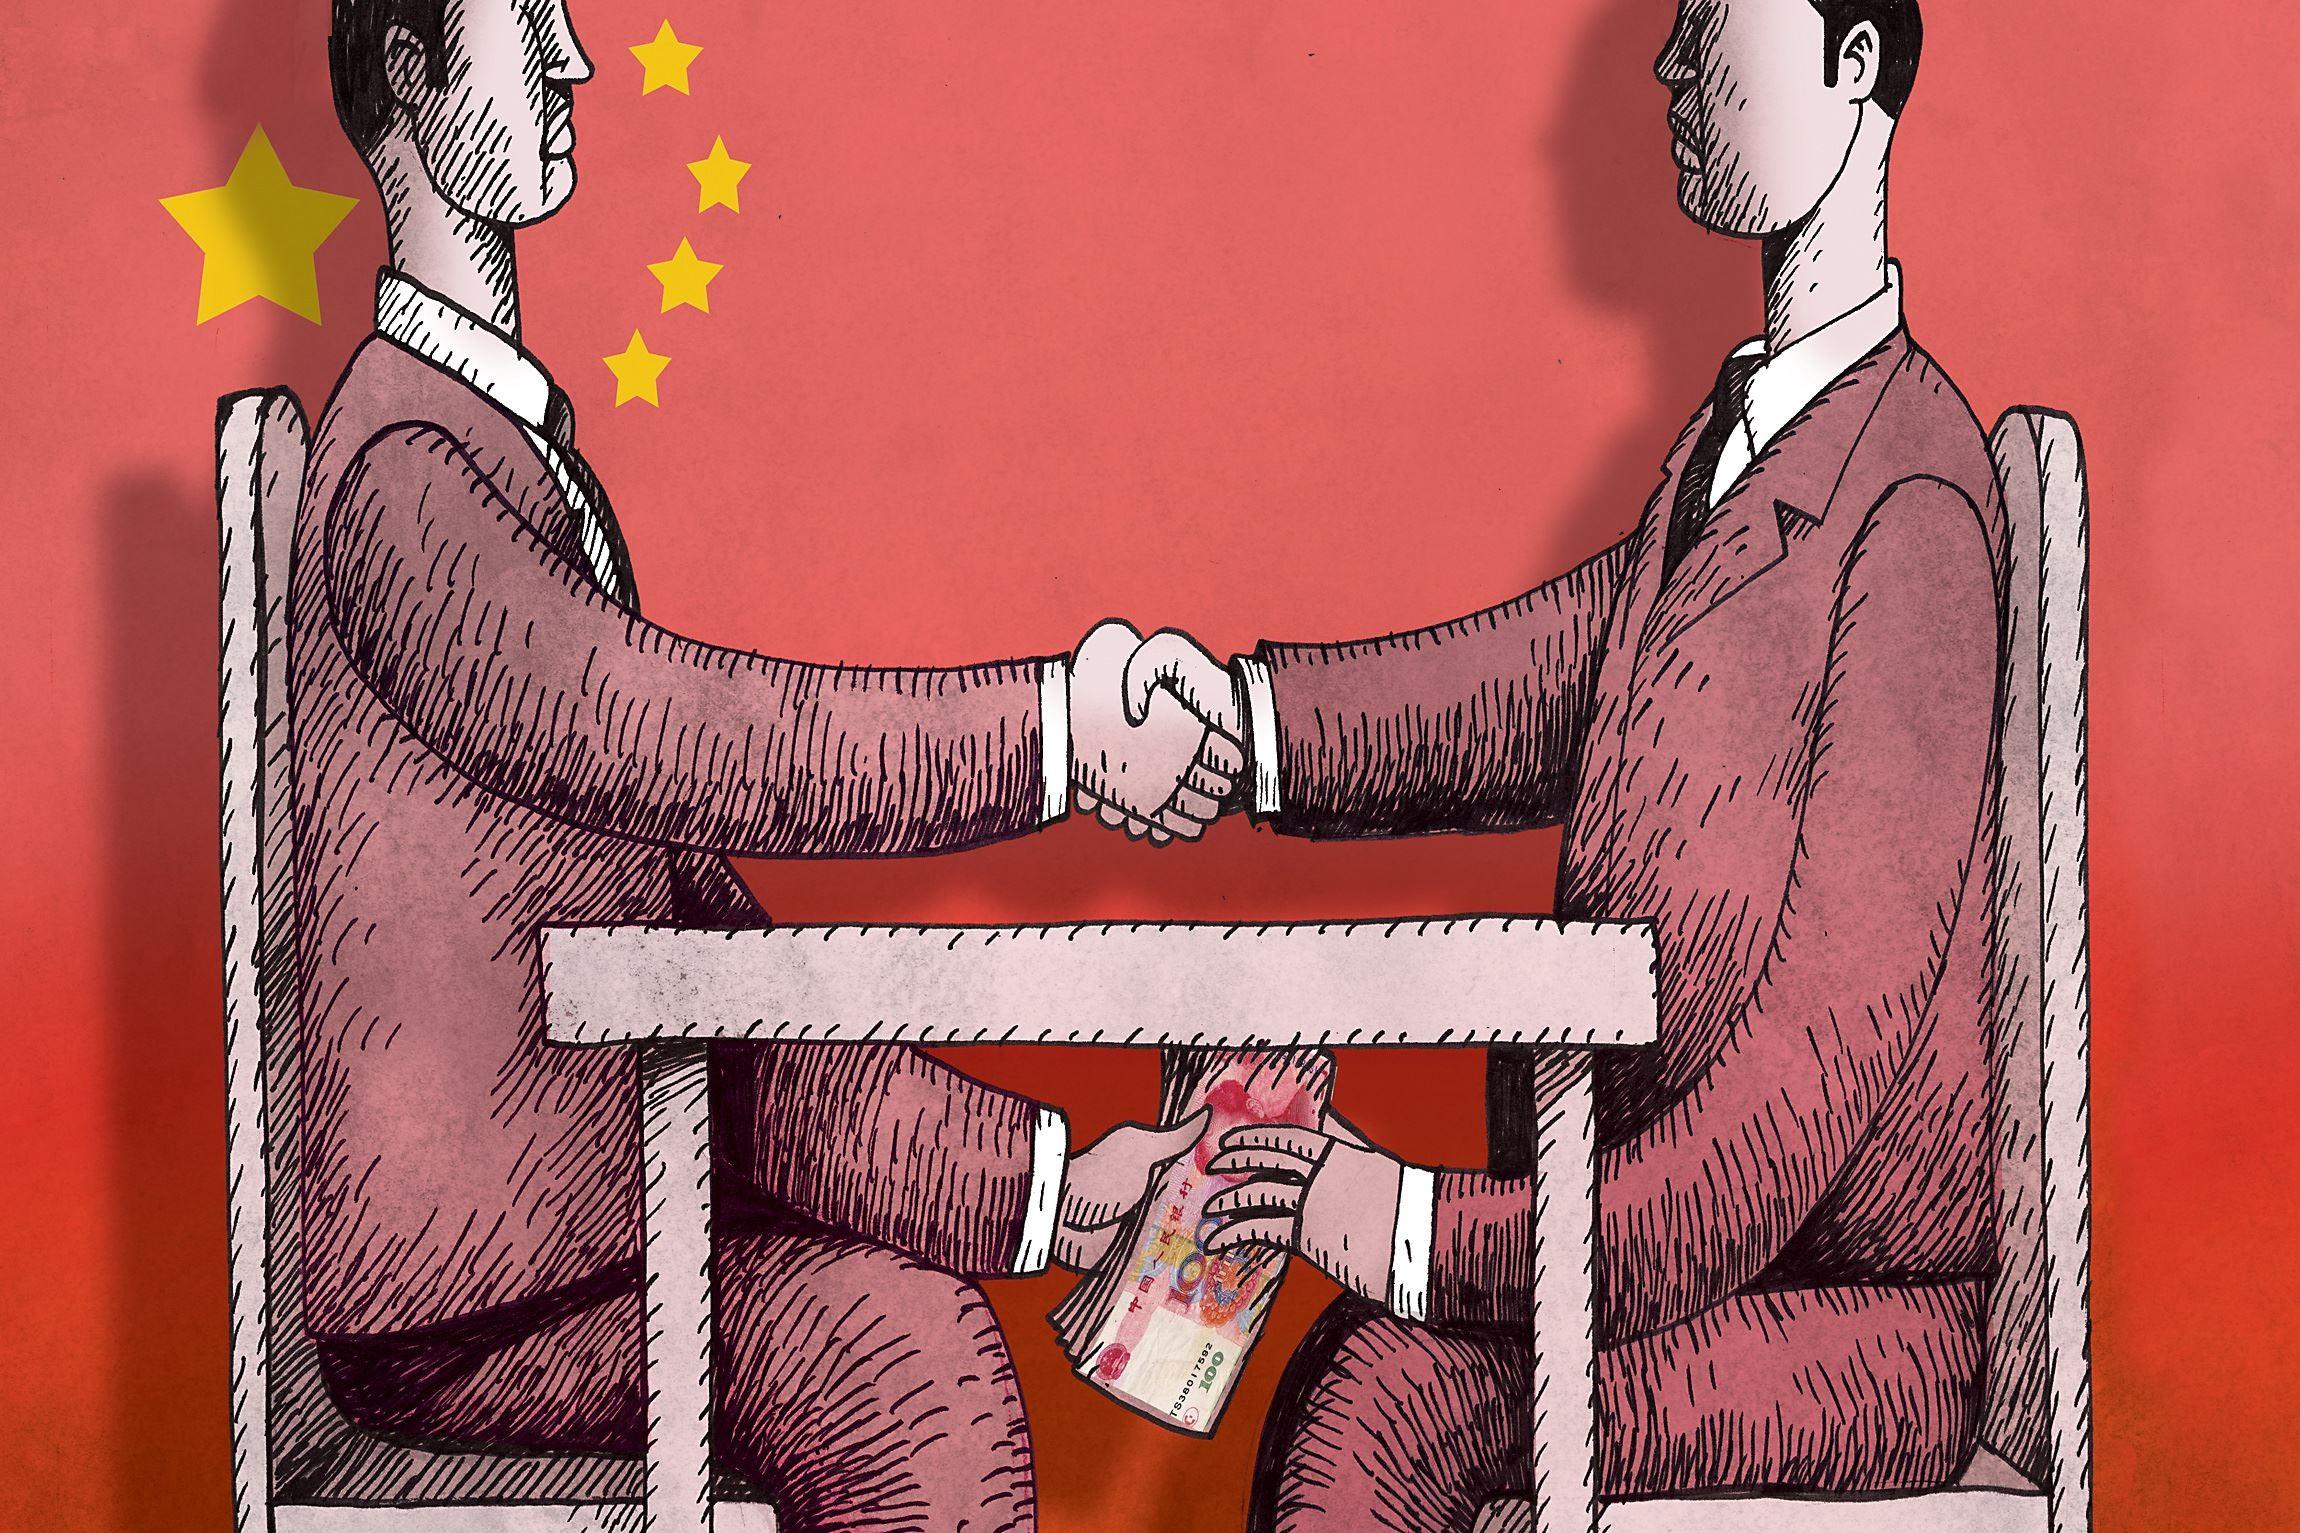 Хятадад авлигын хэрэгт холбогдсон өндөр албан тушаалтнуудыг шалгаж байна